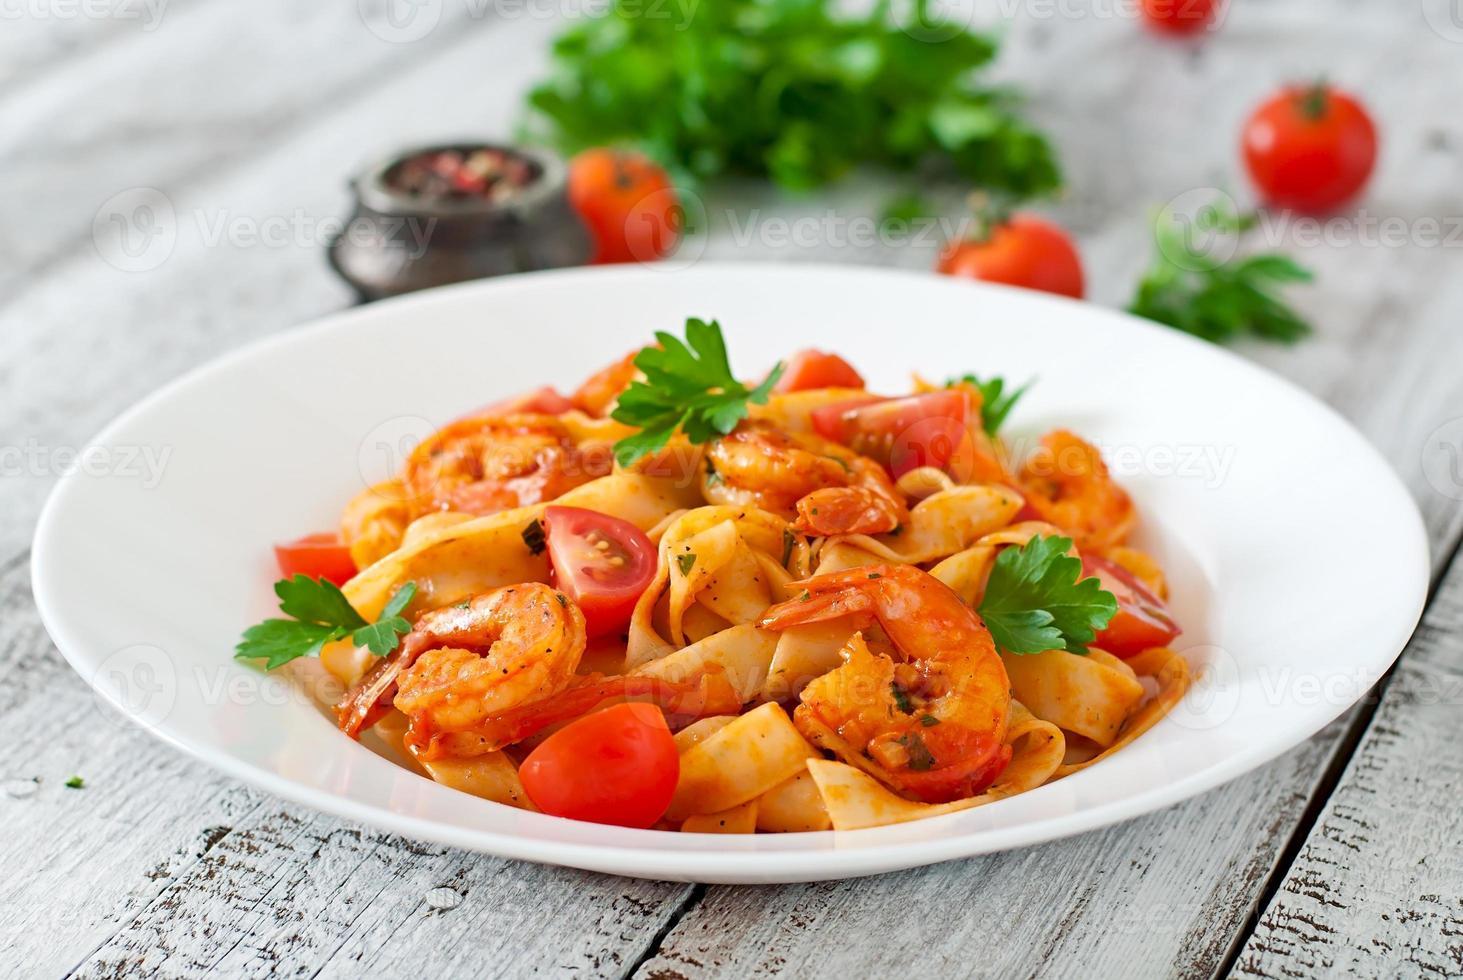 fettuccinapasta med räkor, tomater och örter foto